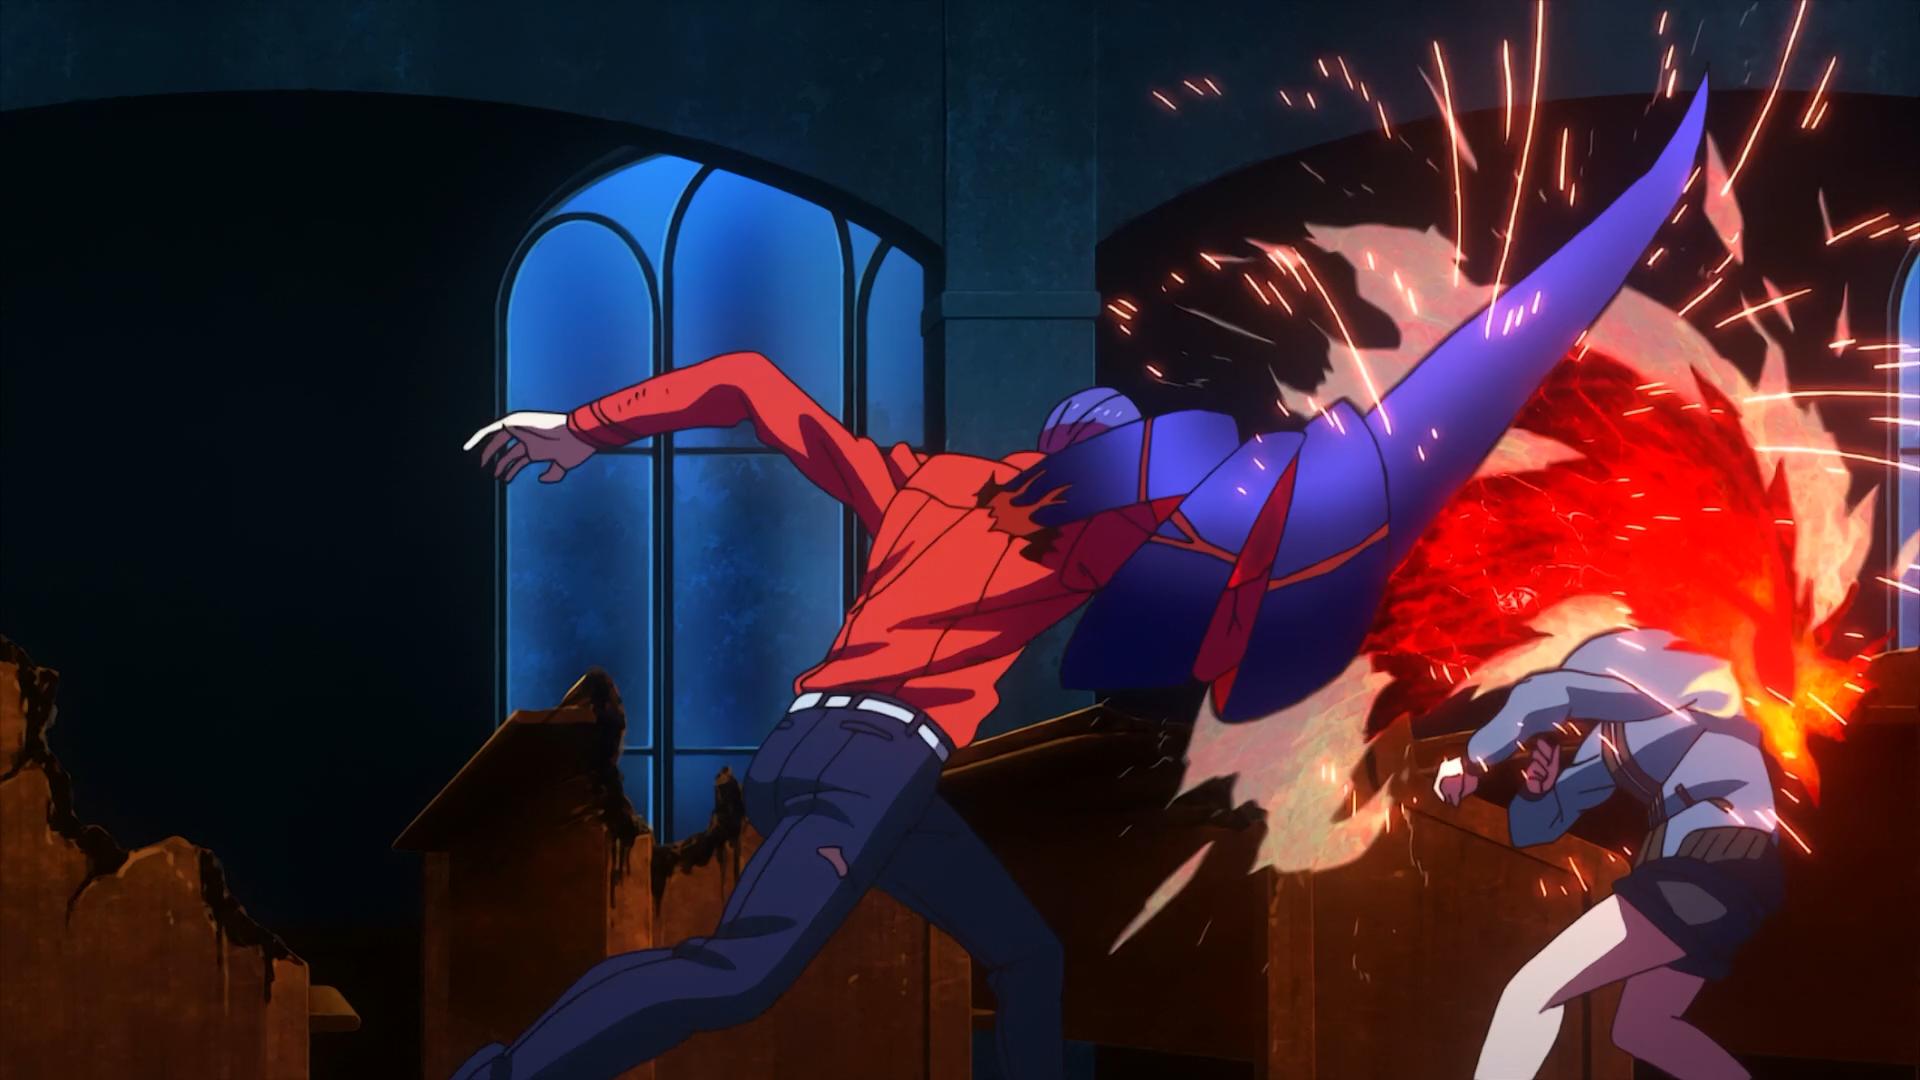 Tsukiyama and Touka kirishima fighting in Toukyo ghoul